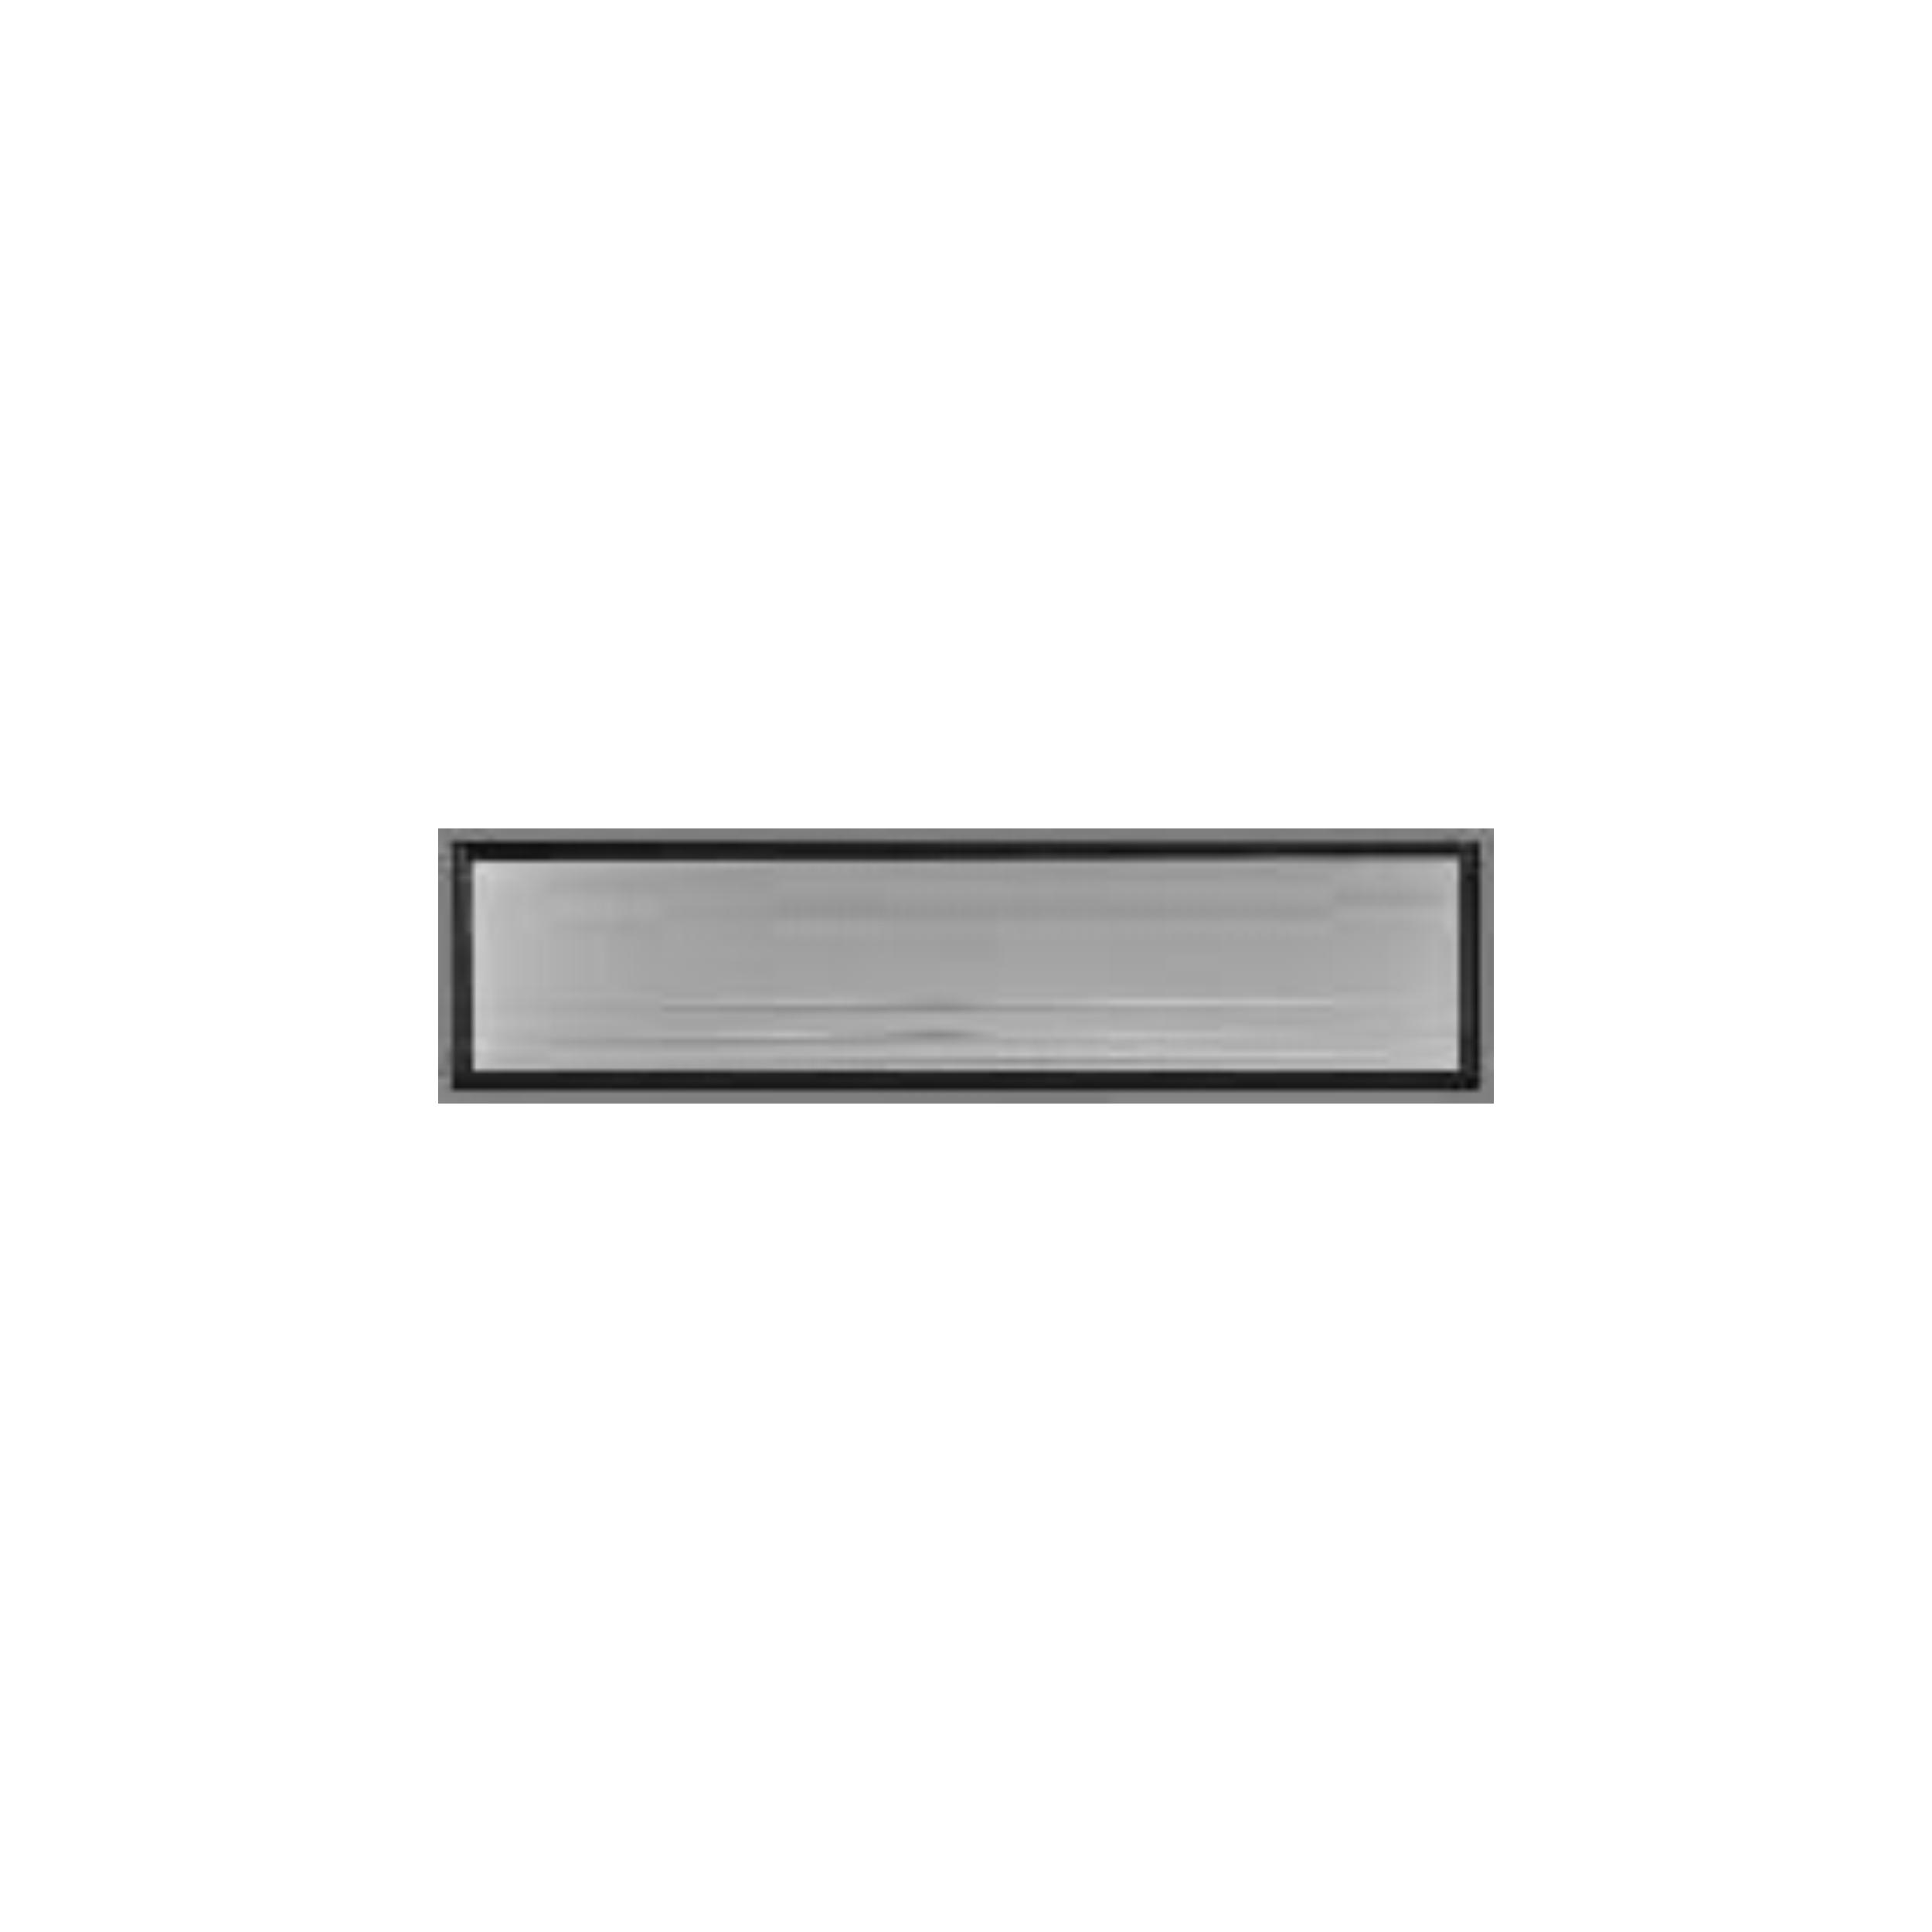 Dveřní doplňky - dopisní vhozy ve stříbrném i zlatém lesku či matu